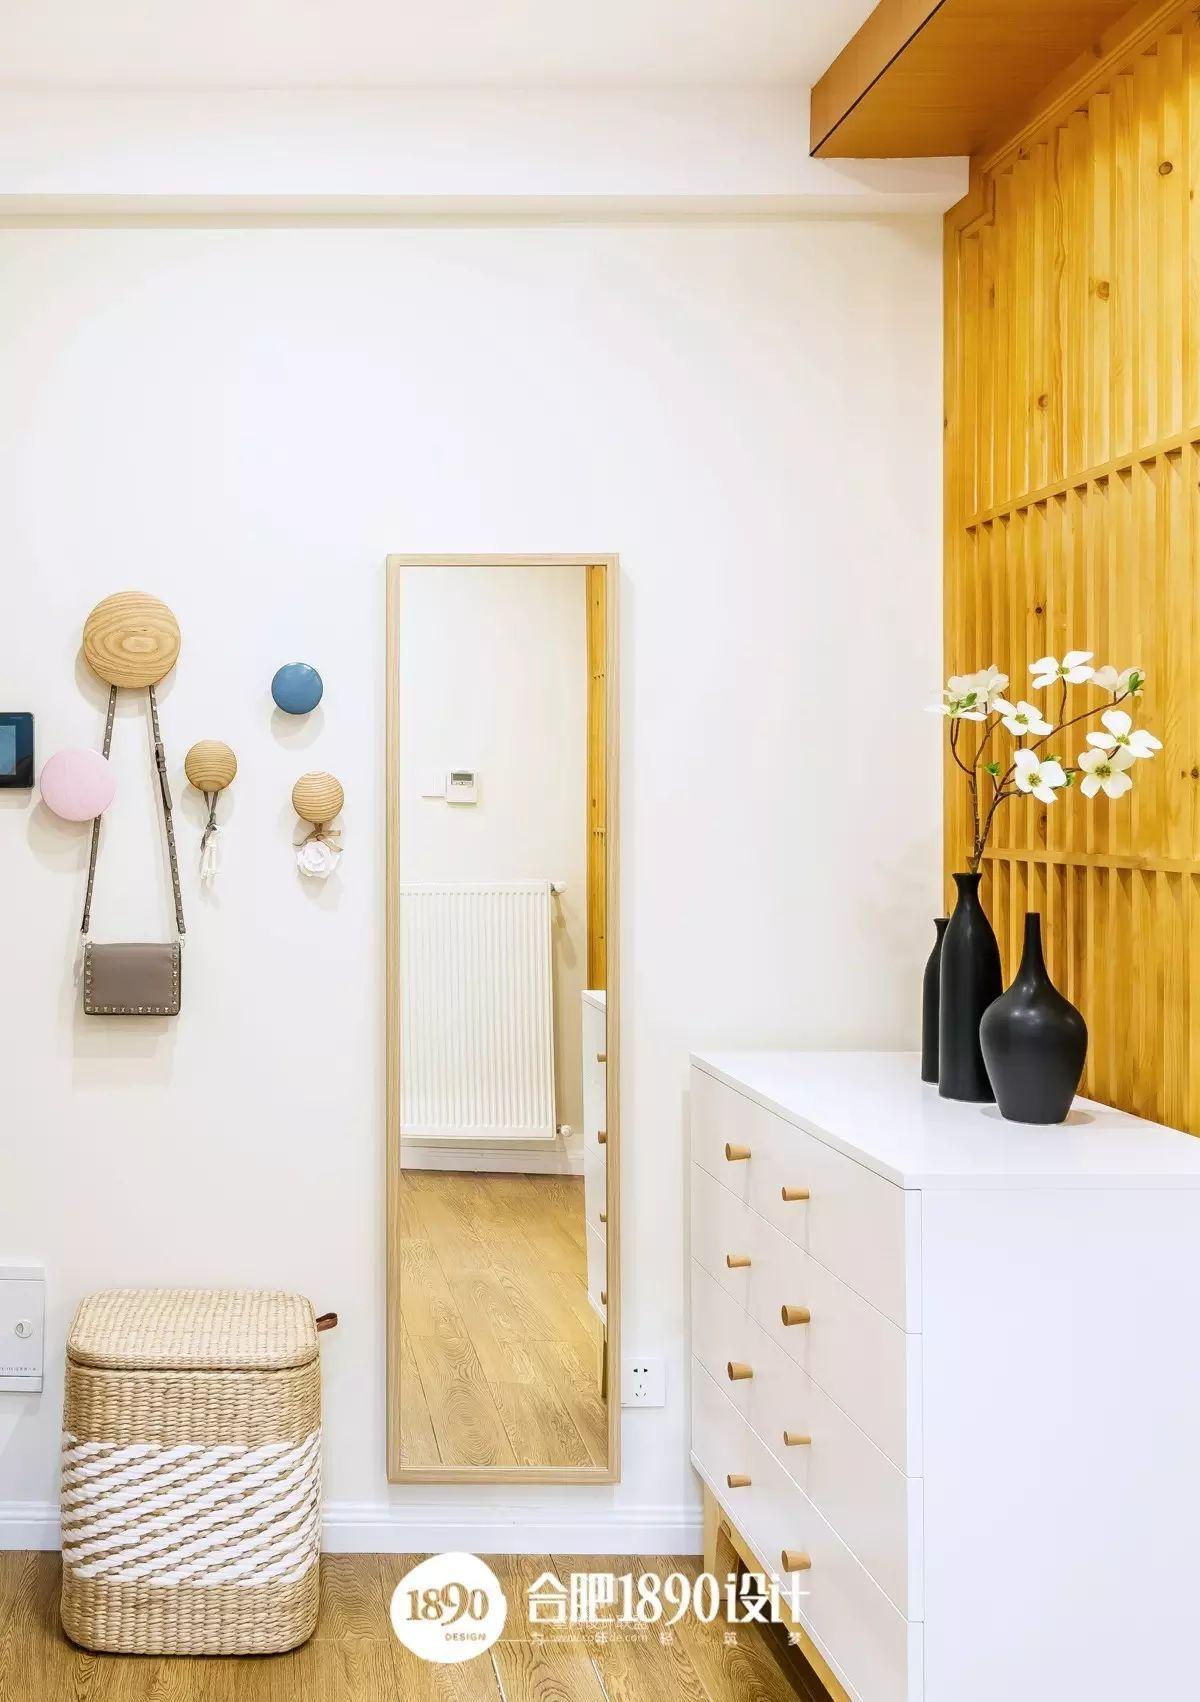 木格珊与现代家具的碰撞,让整个环境提升了一个档次.